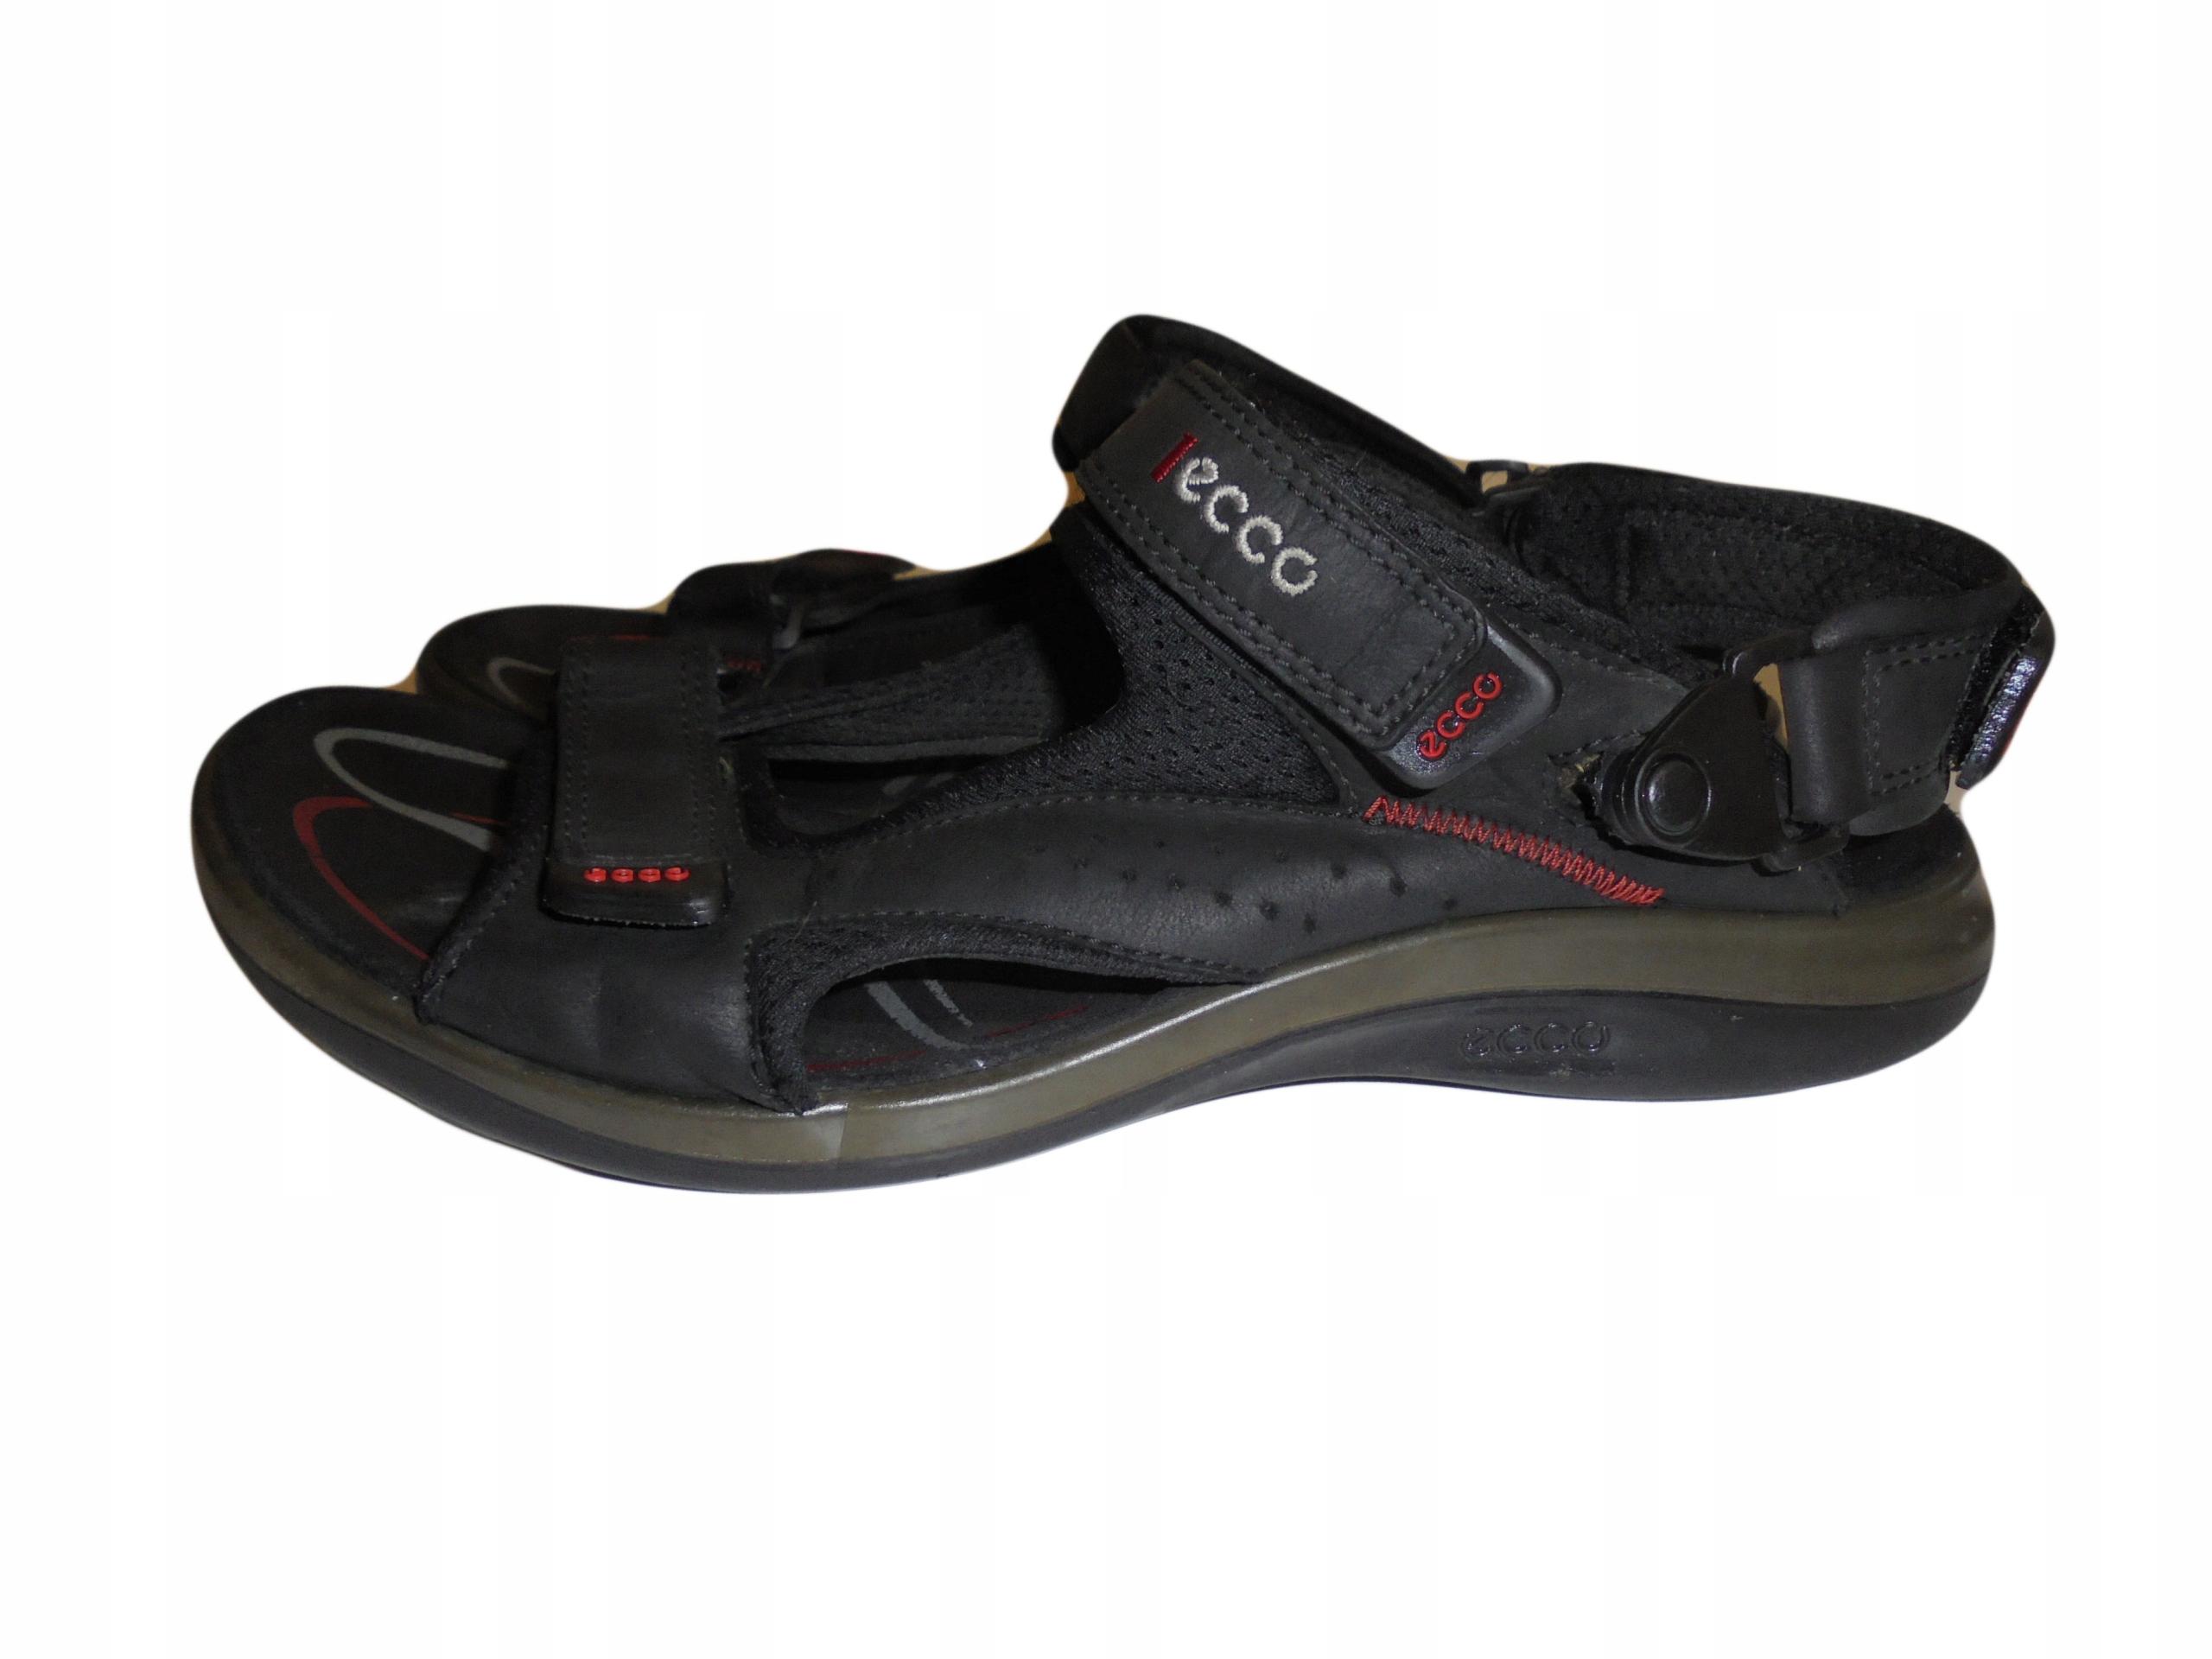 Skórzane sandały firmy Ecco. Rozmiar 46.